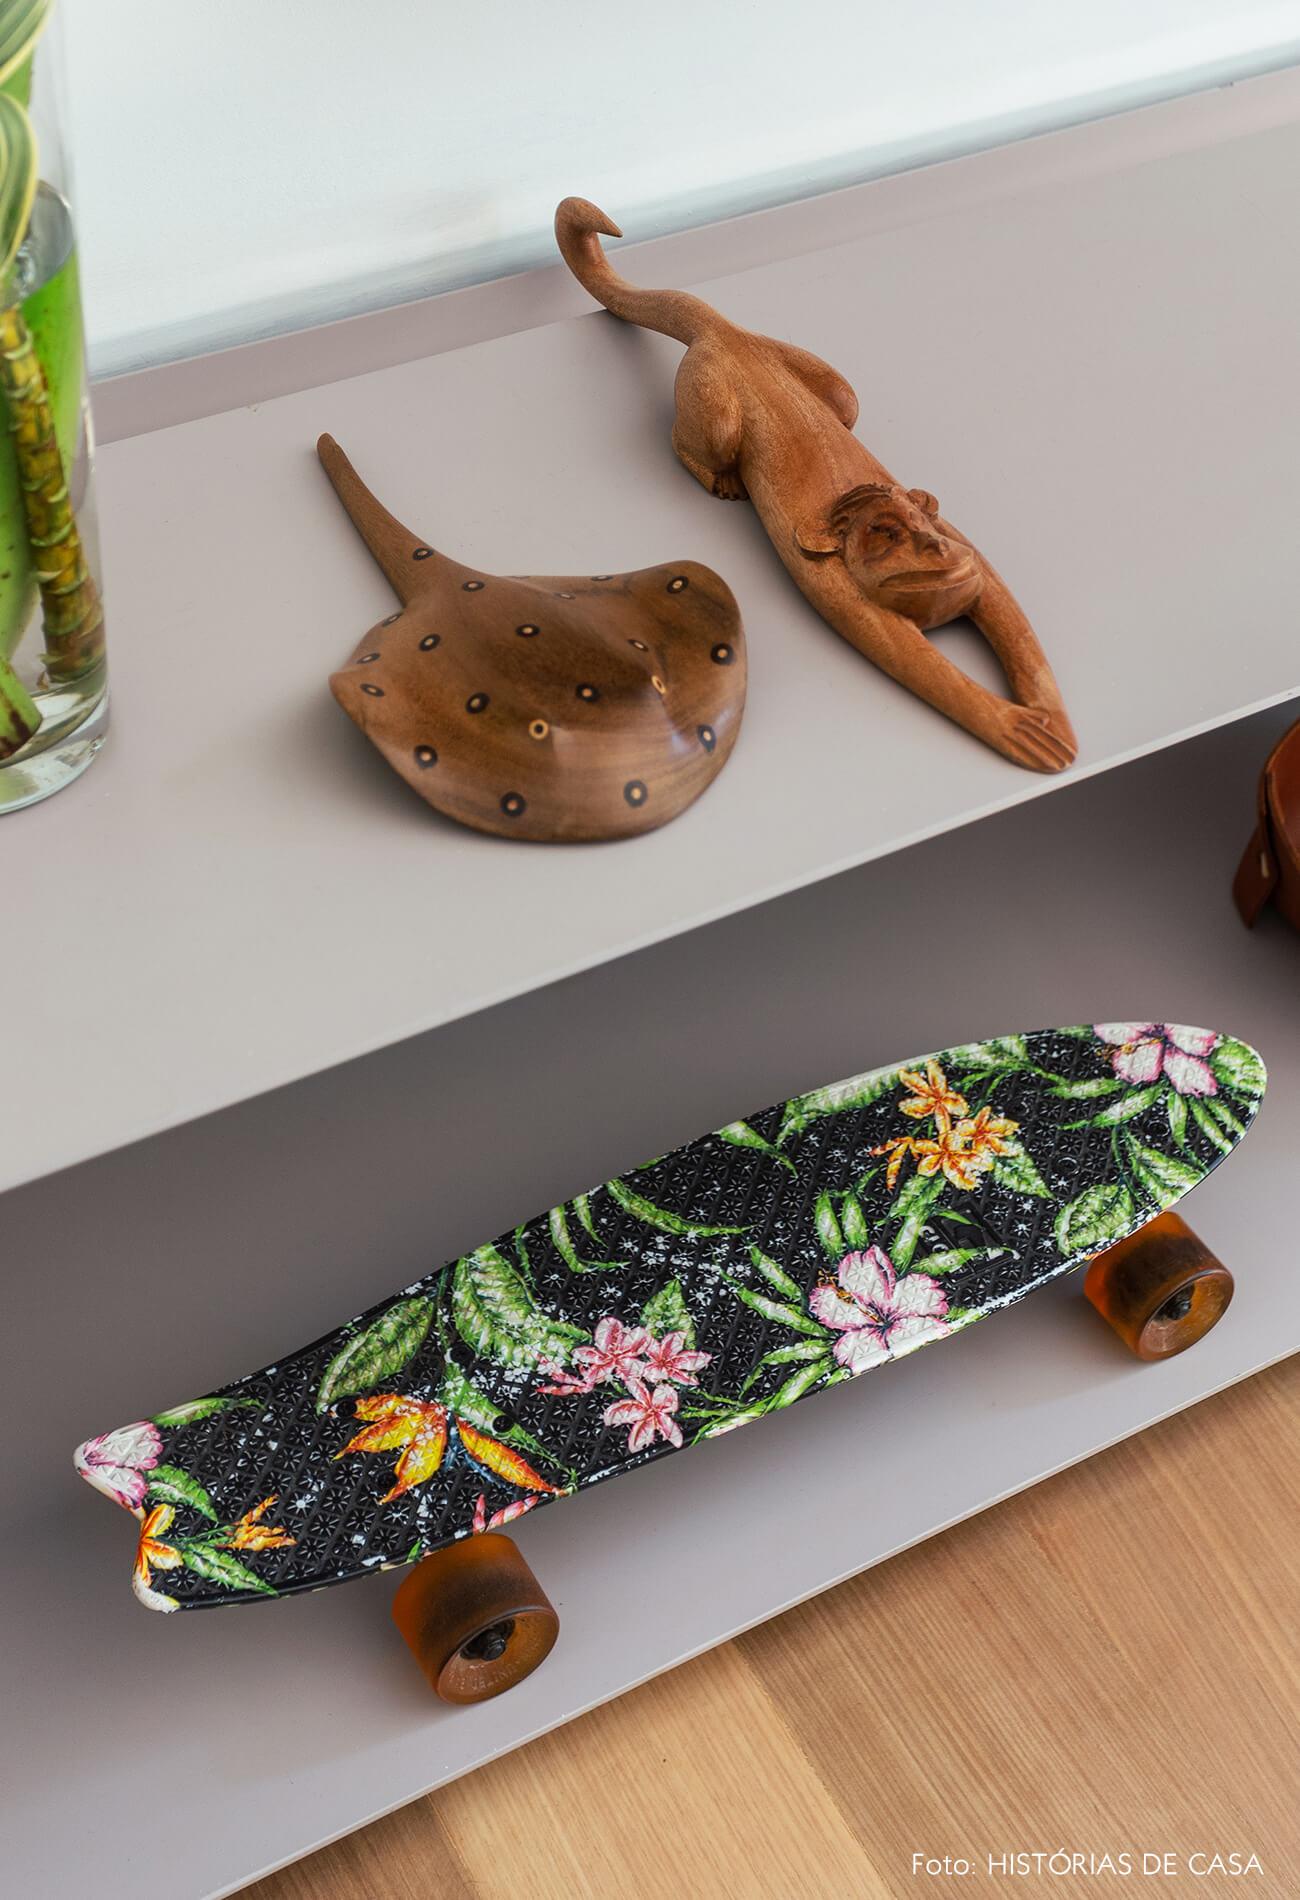 Objetos pessoais e itens de artesanato em estante metálica cinza